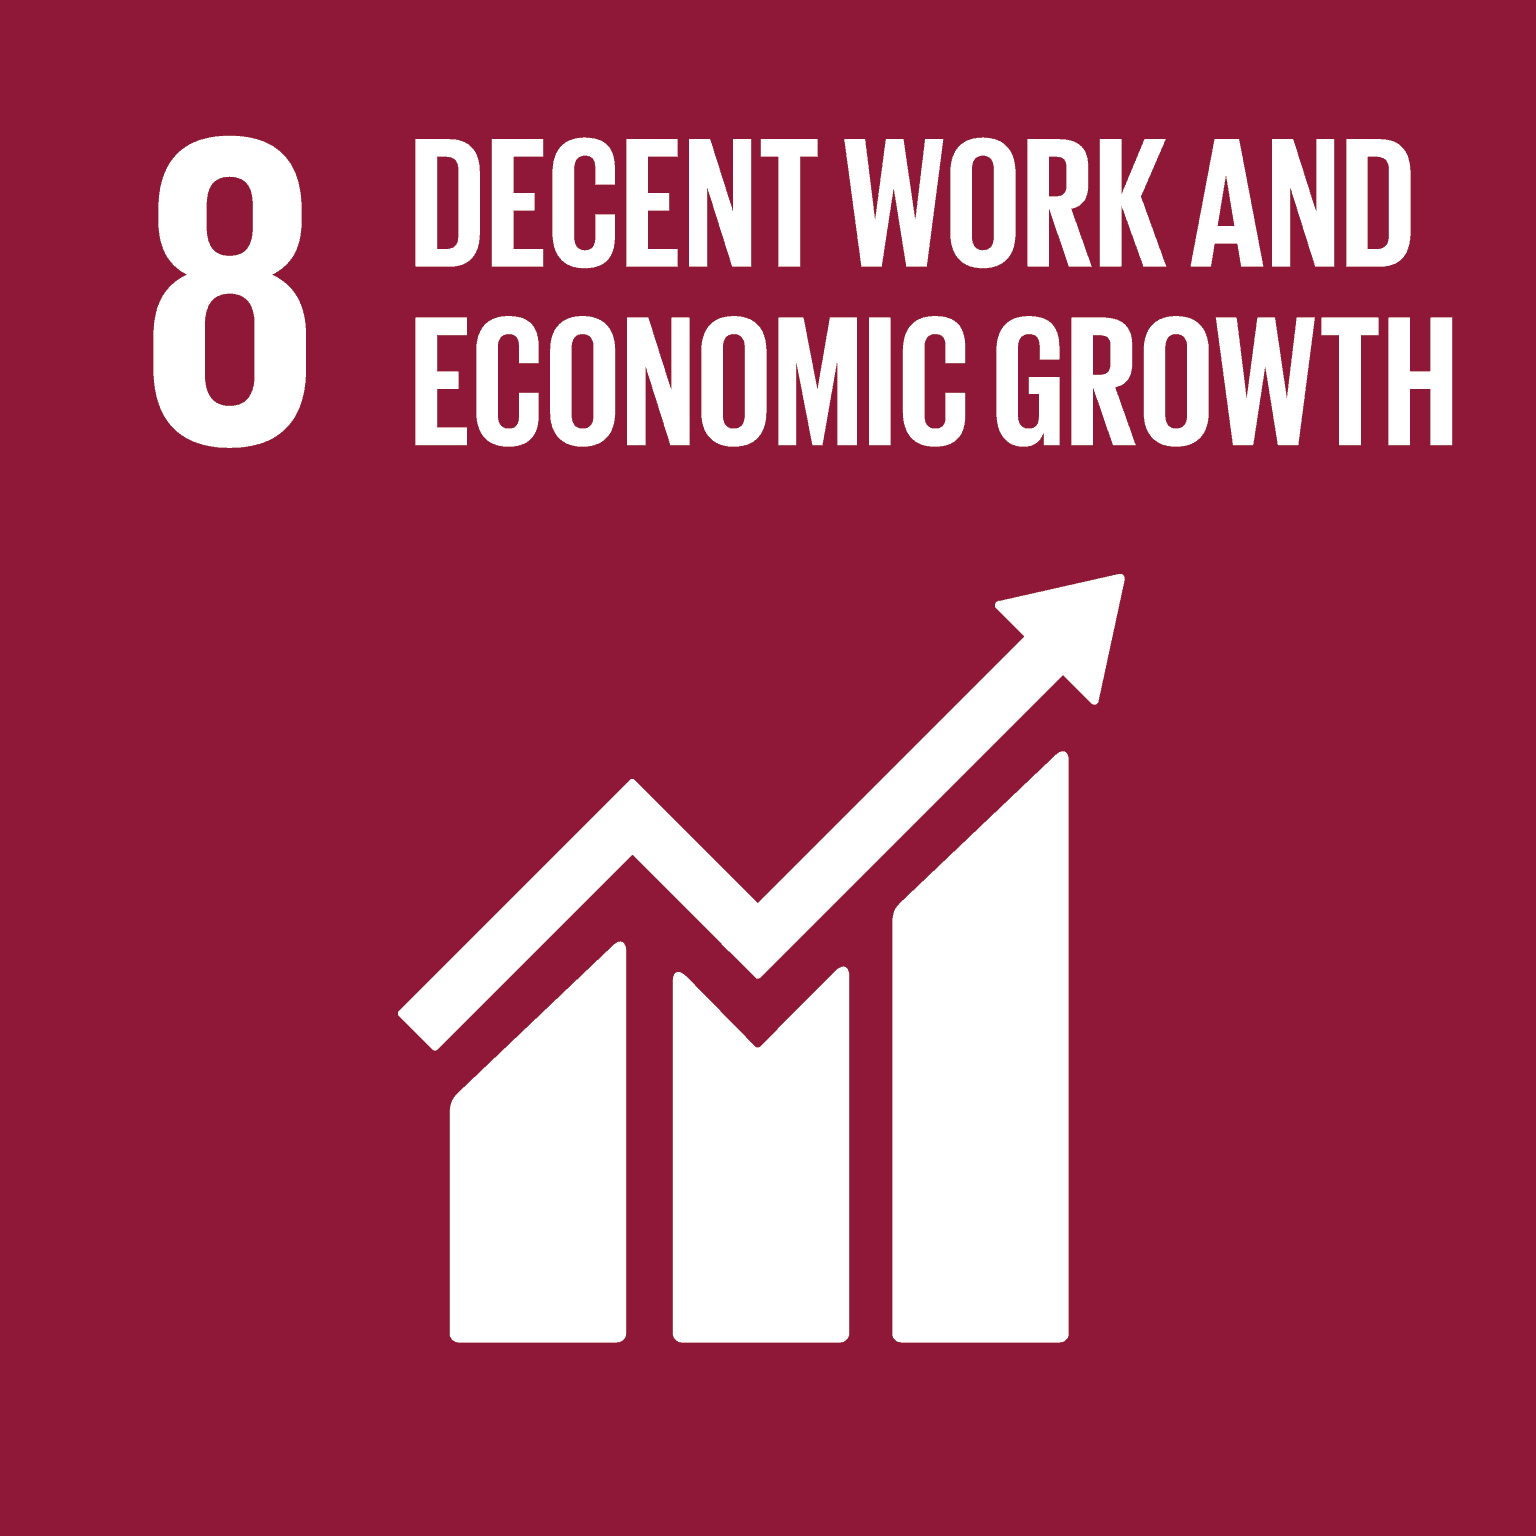 UN SDG Goal 8 - Decent Work and Economic Growth